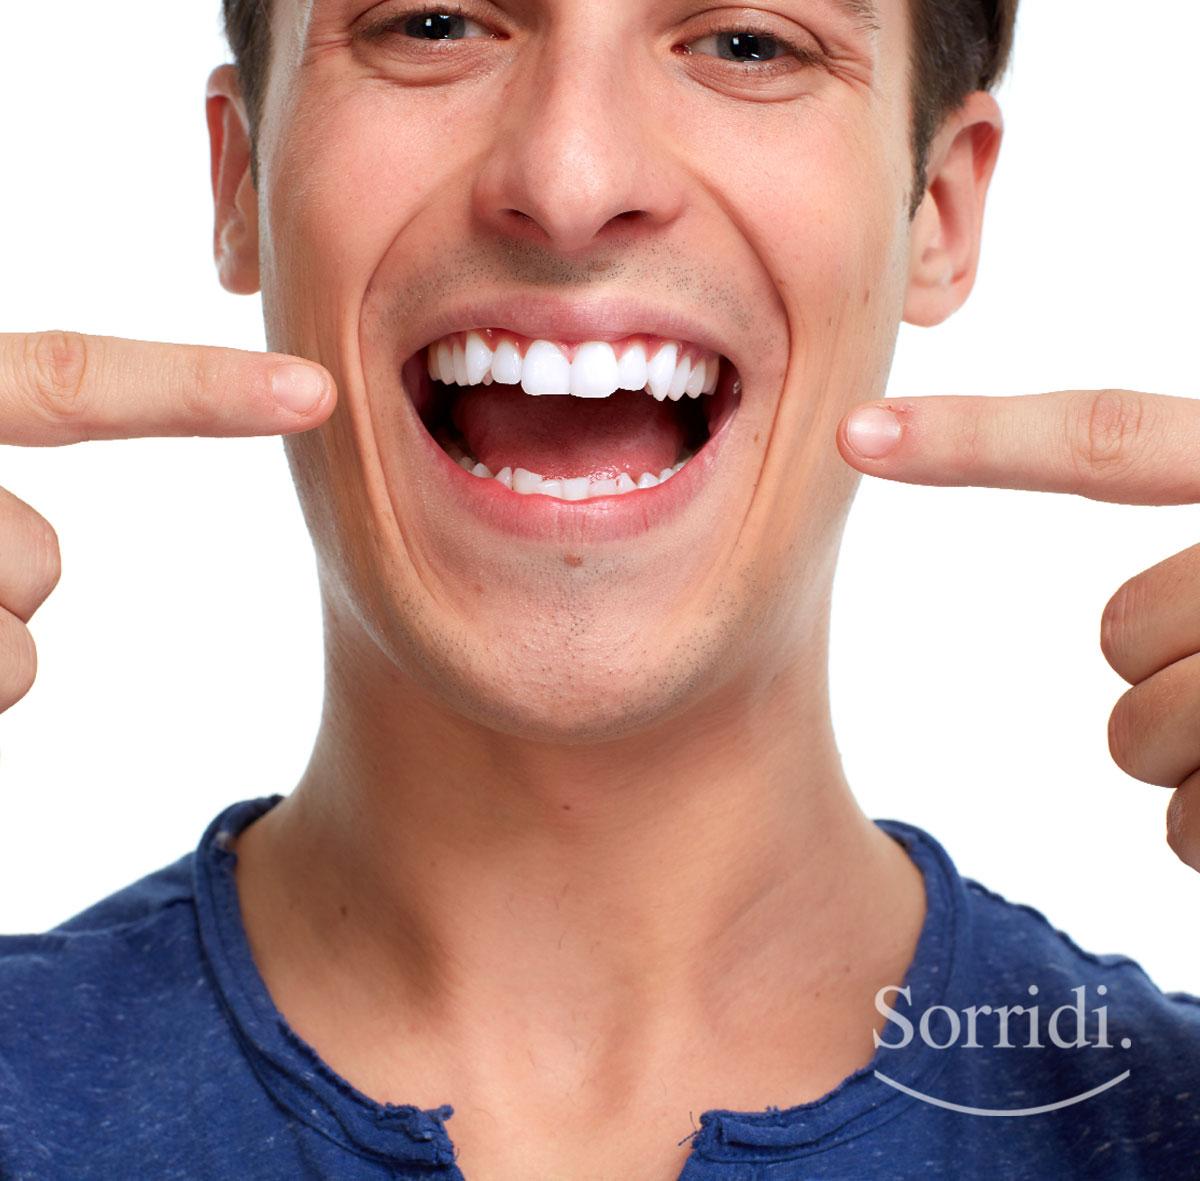 sorridi-ch-magazine-ridurre-e-prevenire-la-gengivite